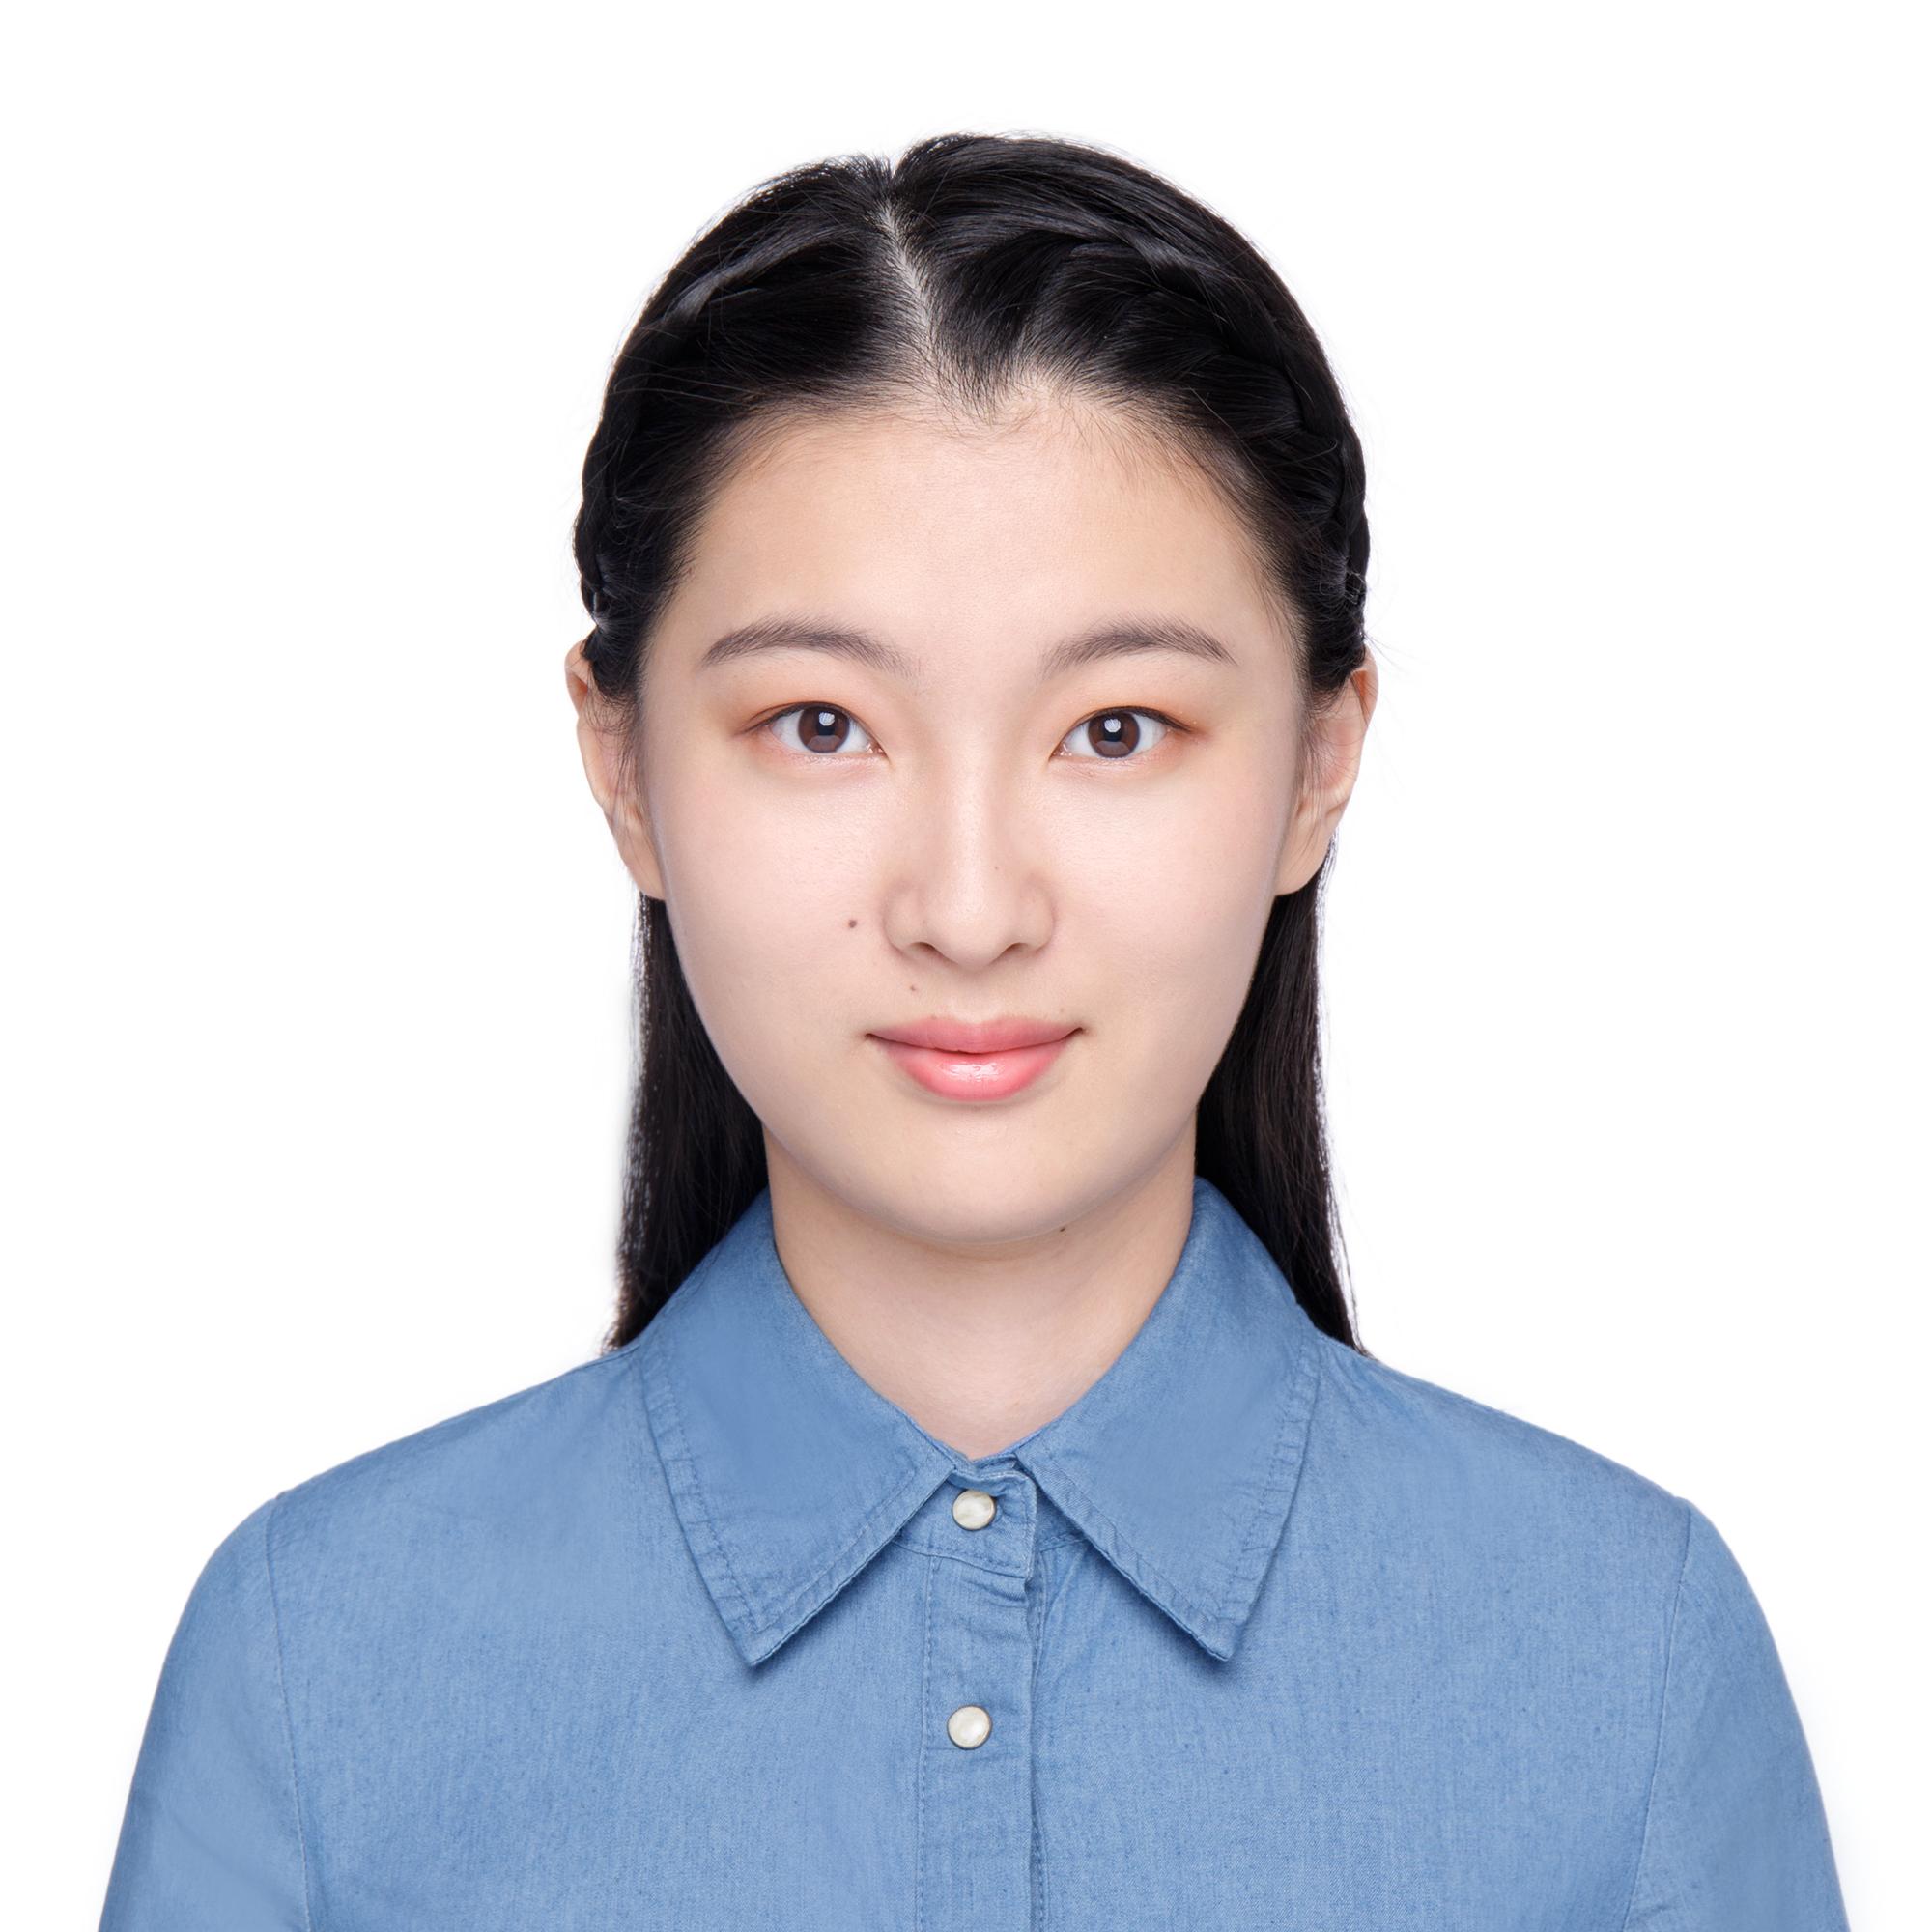 上海家教浦老师